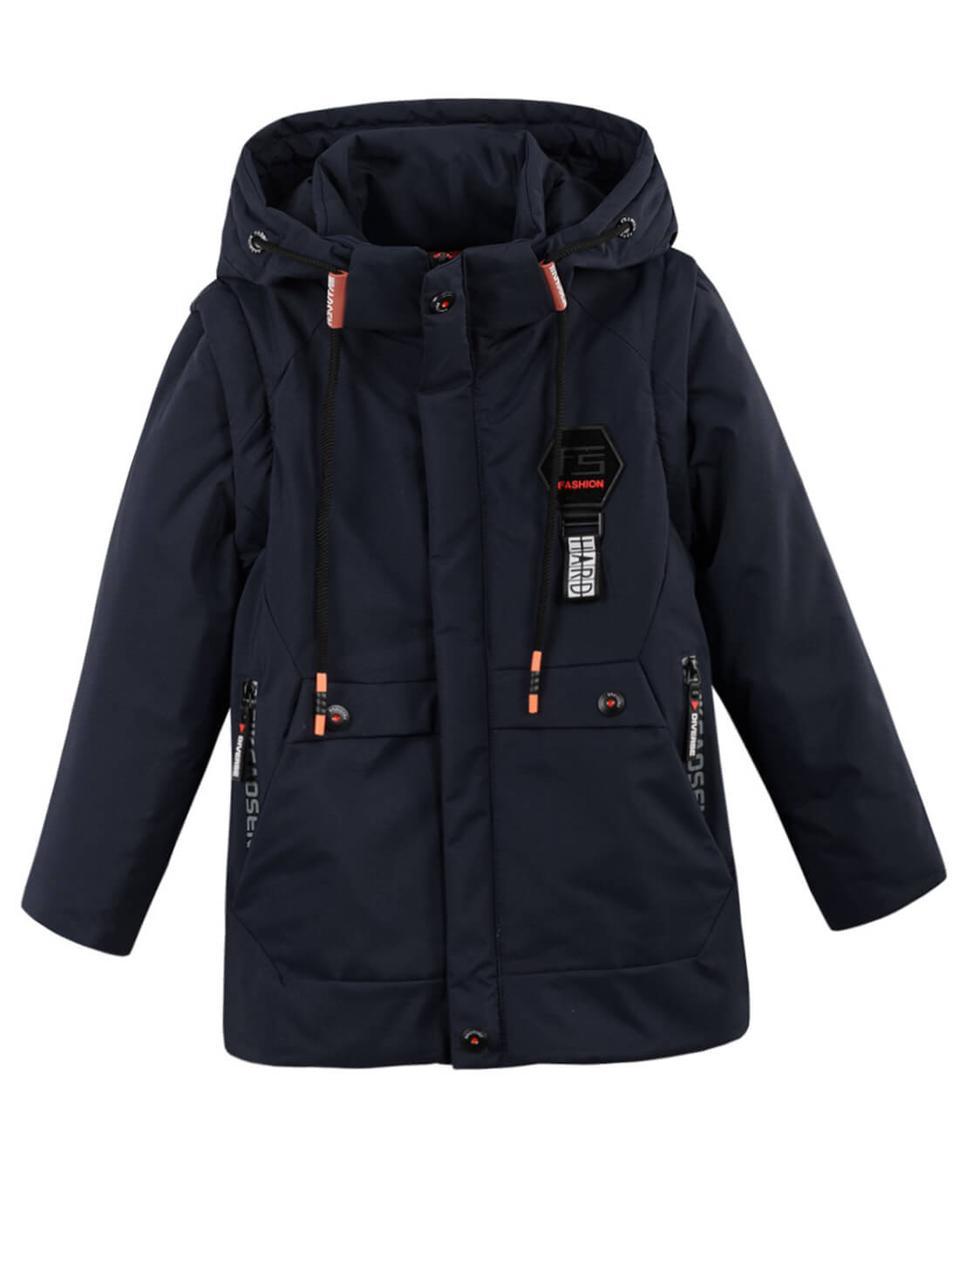 Детская демисезонная куртка жилетка на мальчика, т. синяя, р.140,152